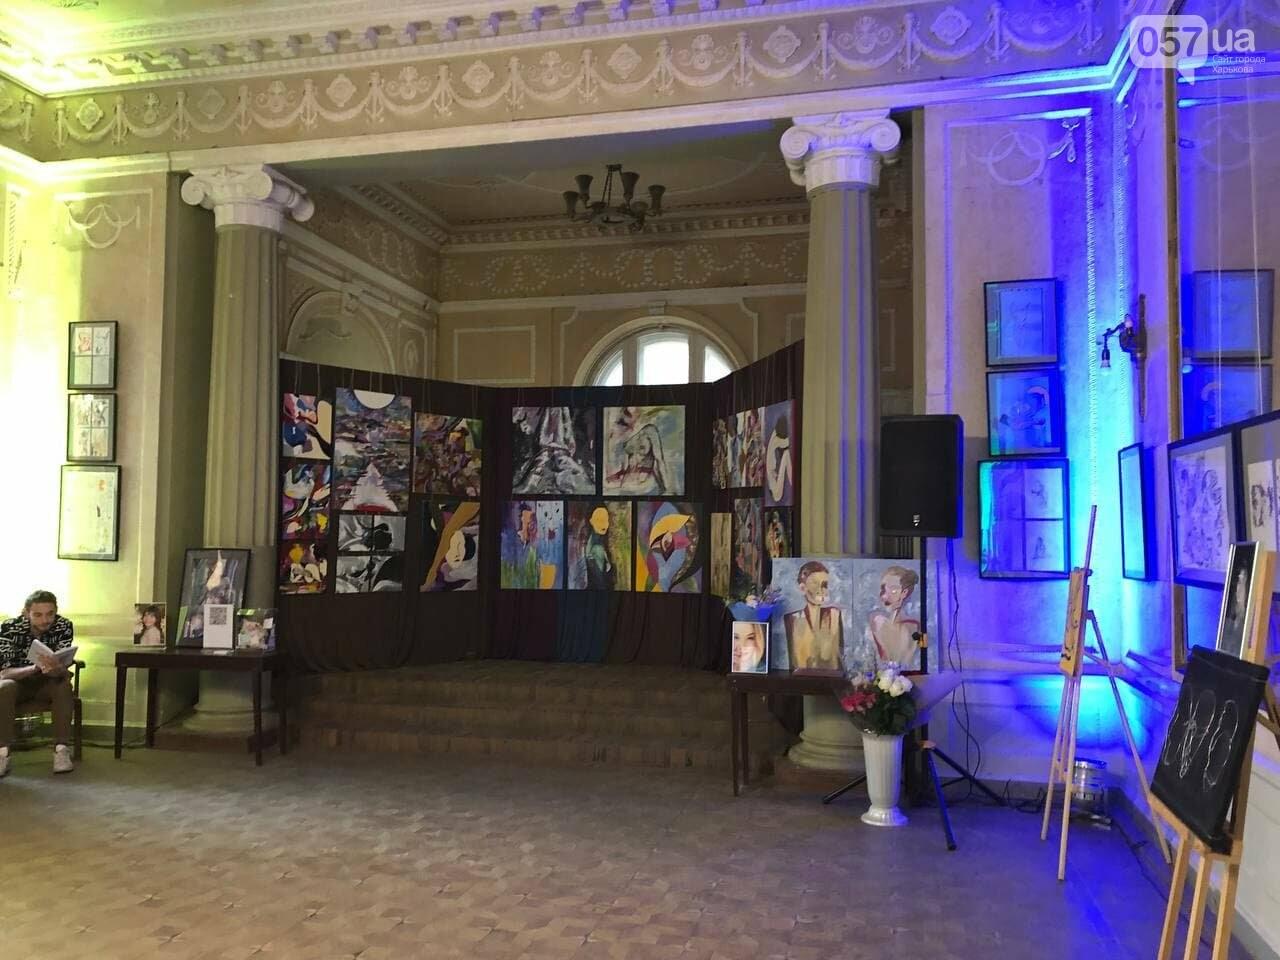 В Харькове прошла благотворительная выставка памяти молодой художницы, скончавшейся от приступа эпилепсии, - ФОТОРЕПОРТАЖ, фото-13